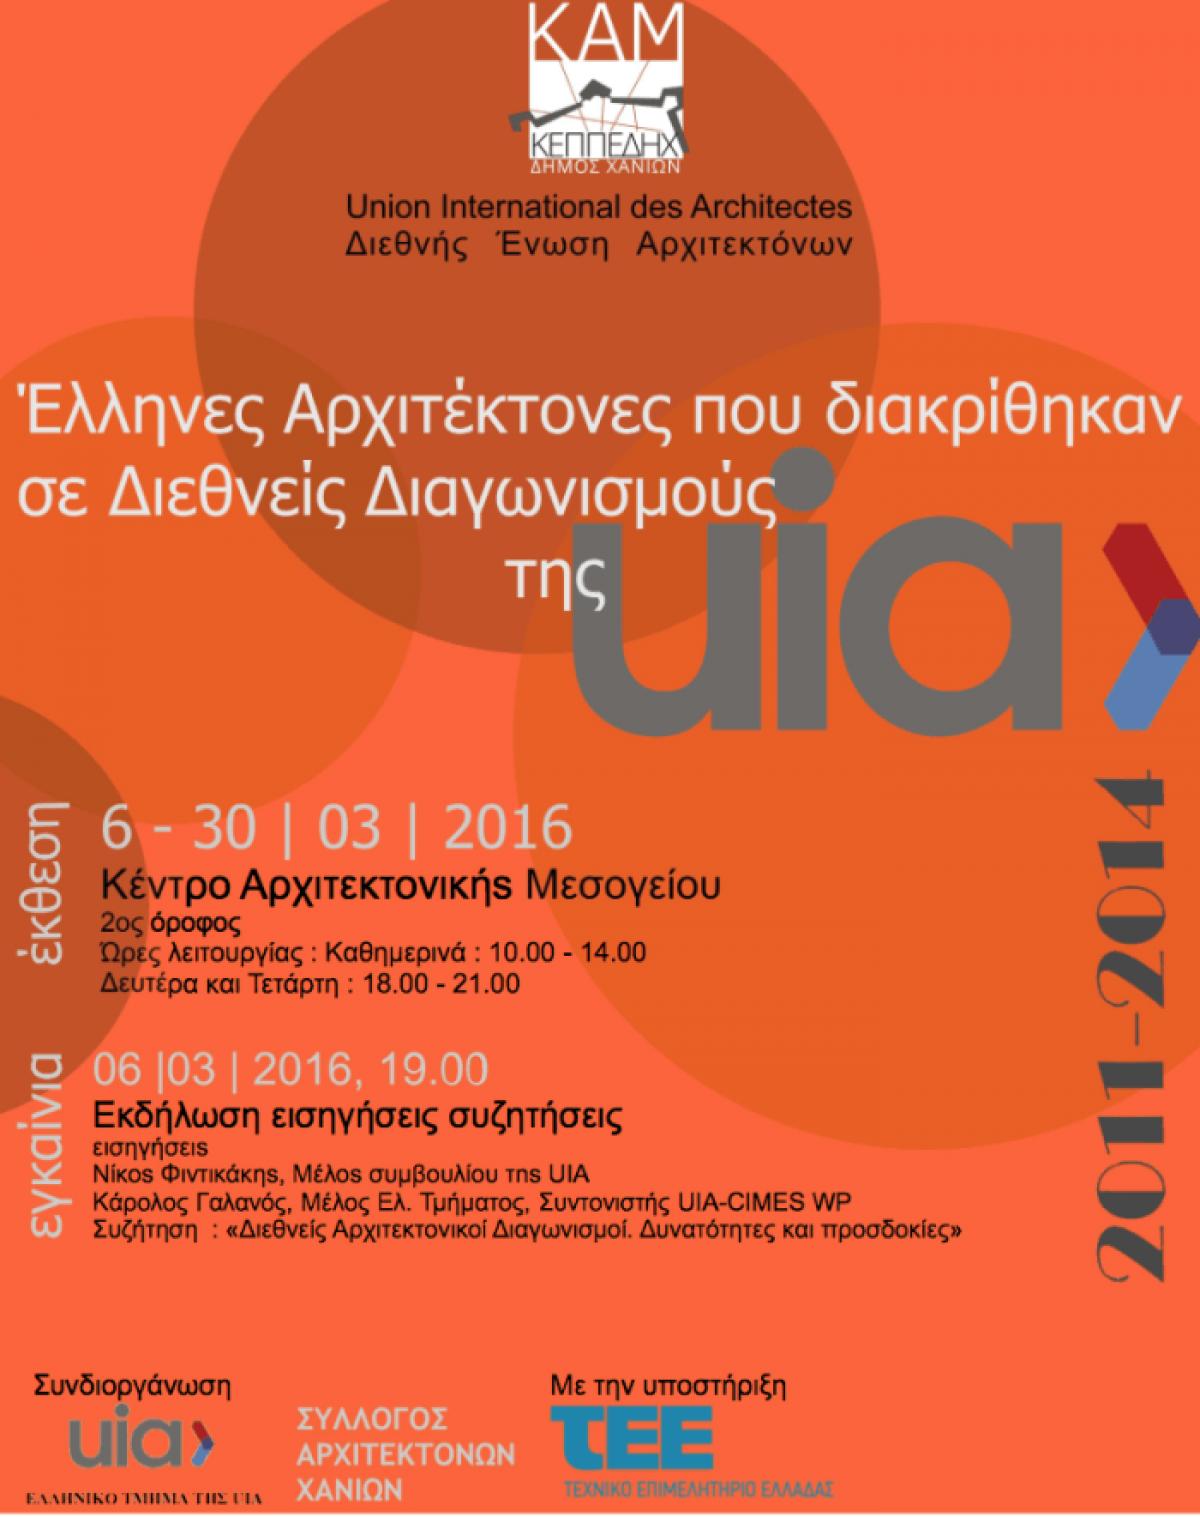 """Έκθεση Αρχιτεκτονικής """"Έλληνες Αρχιτέκτονες που διακρίθηκαν σε Διεθνείς Διαγωνισμούς της UIA – Διεθνούς Ένωσης Αρχιτεκτόνων 2011 – 2014"""" στο ΚΑΜ, Χανιά"""